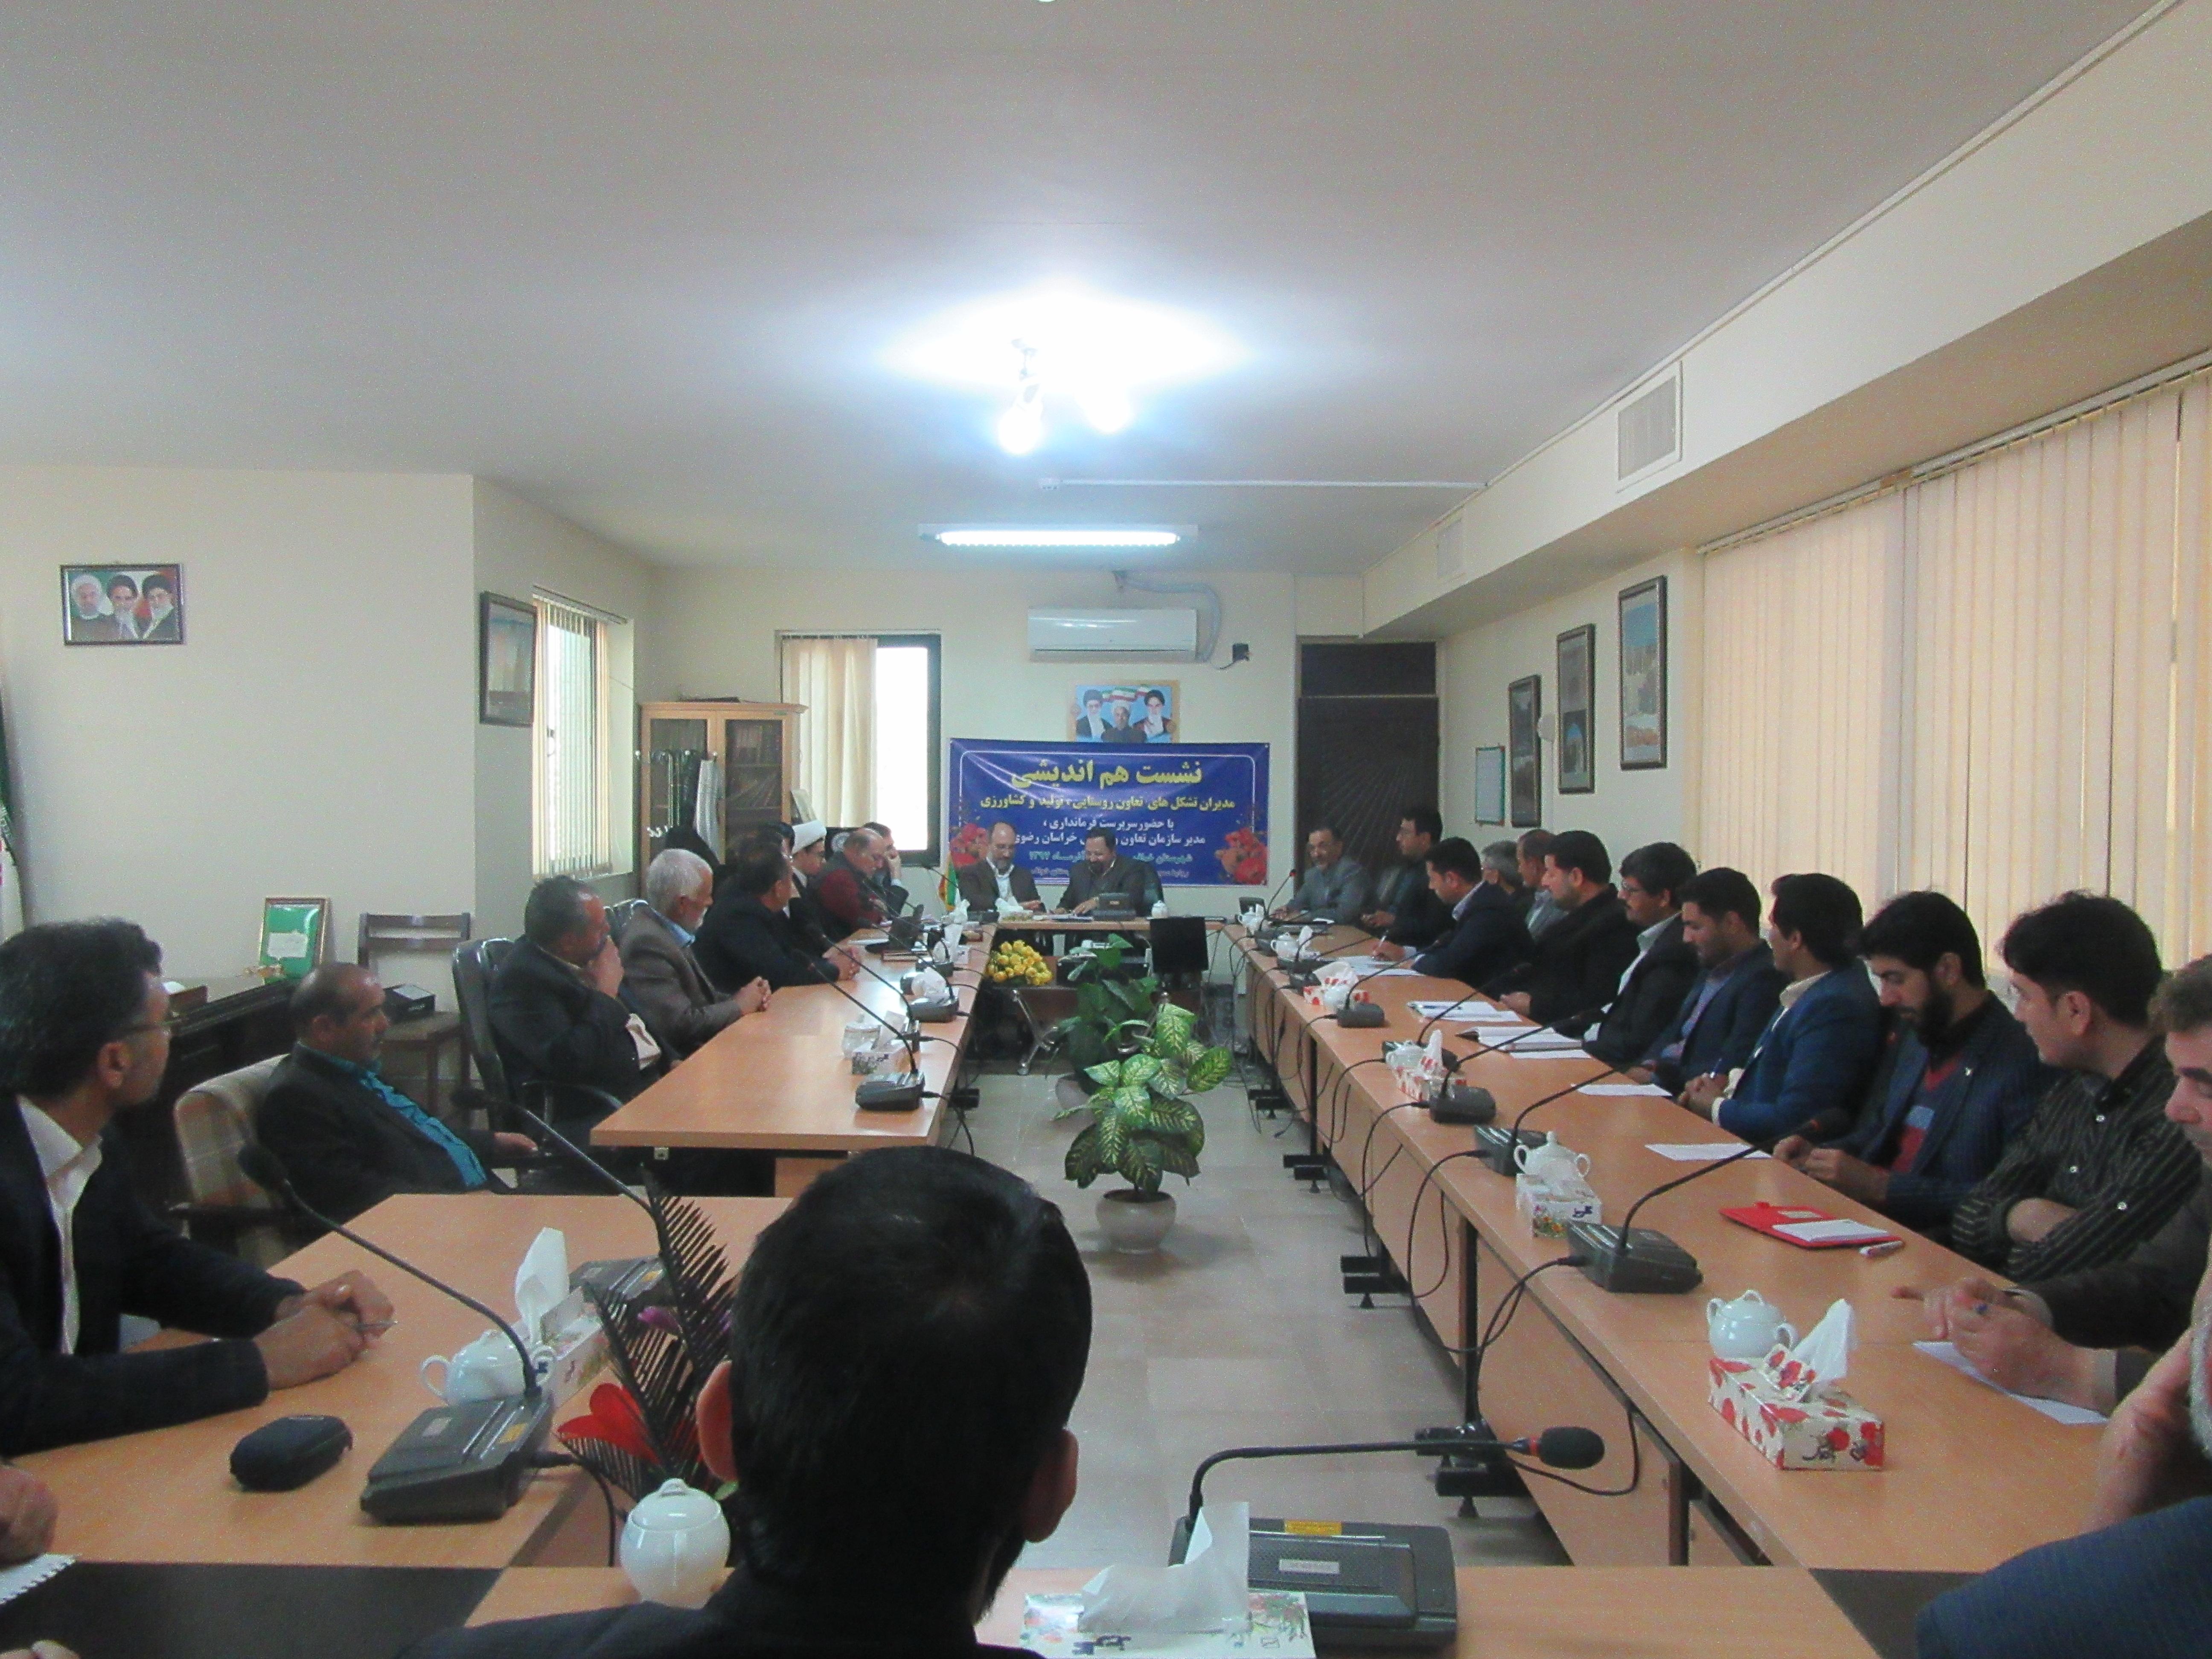 عبدالرضا سپهری : مدیران تشکلهای تعاون روستایی ، سربازان جبهه اقتصادی در بخش کشاورزی هستند